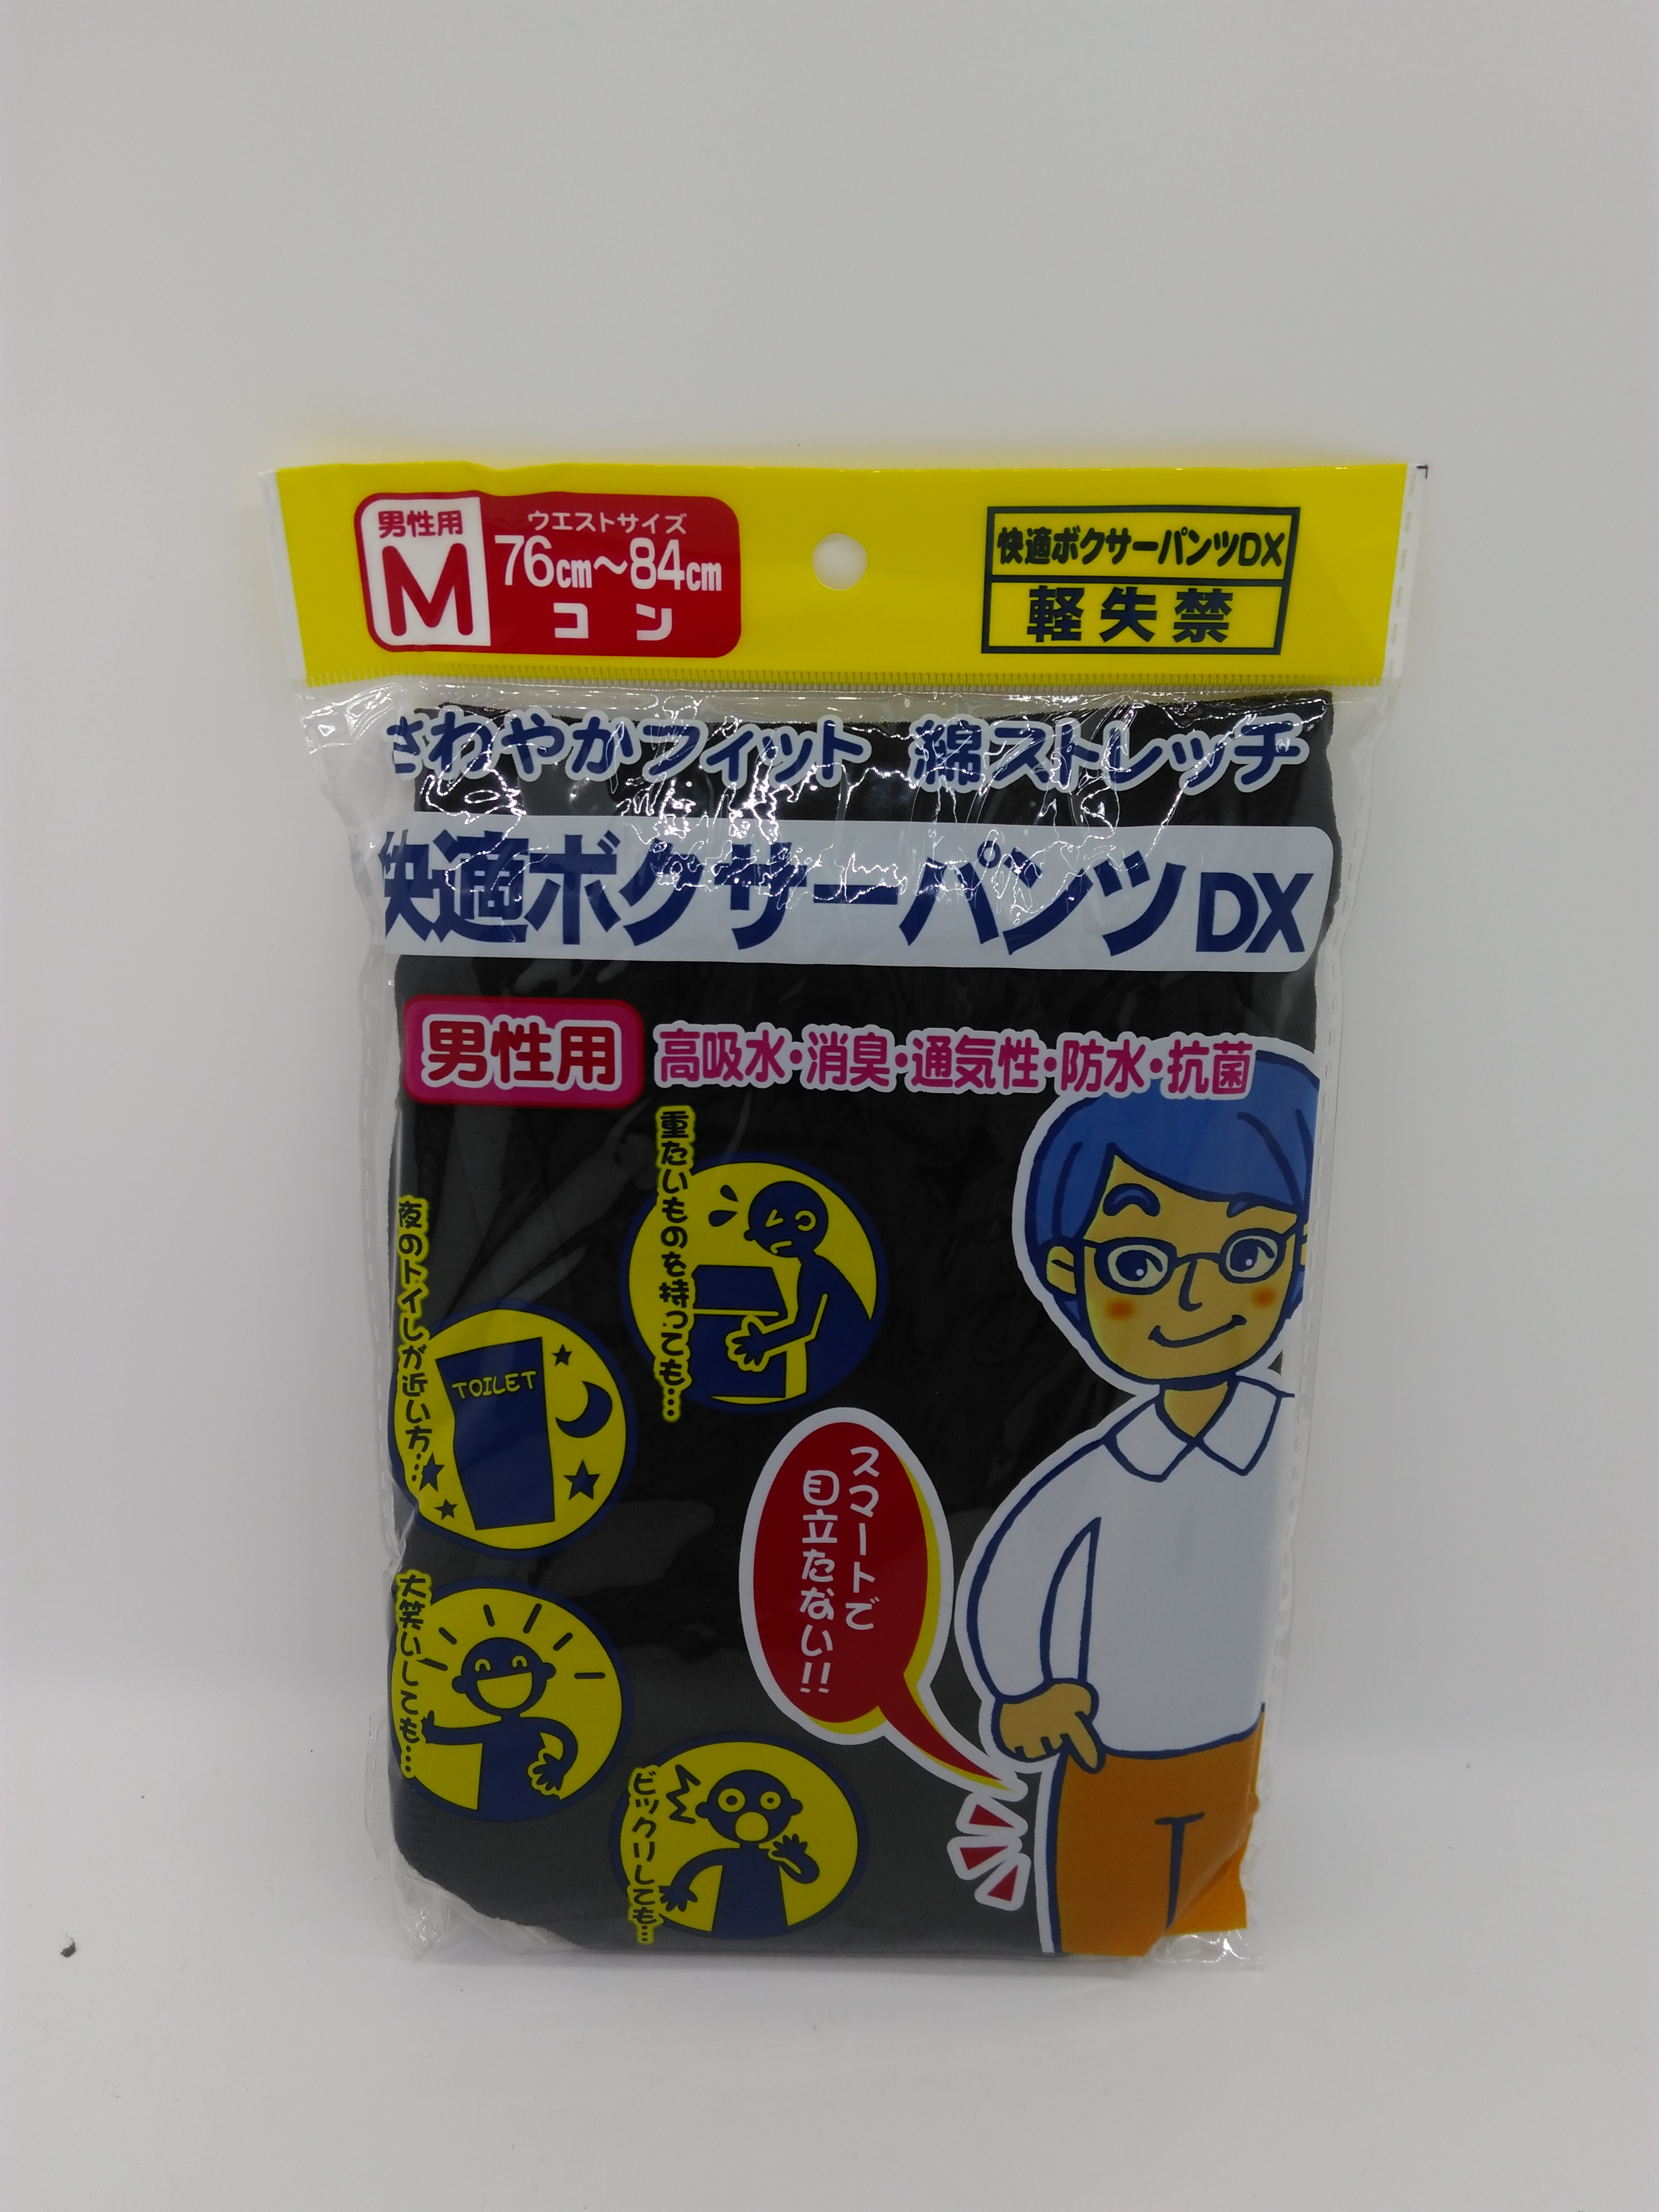 【TAKEYAスマイル便 対象品】快適ボクサーパンツDX 男性用 Mサイズ 紺